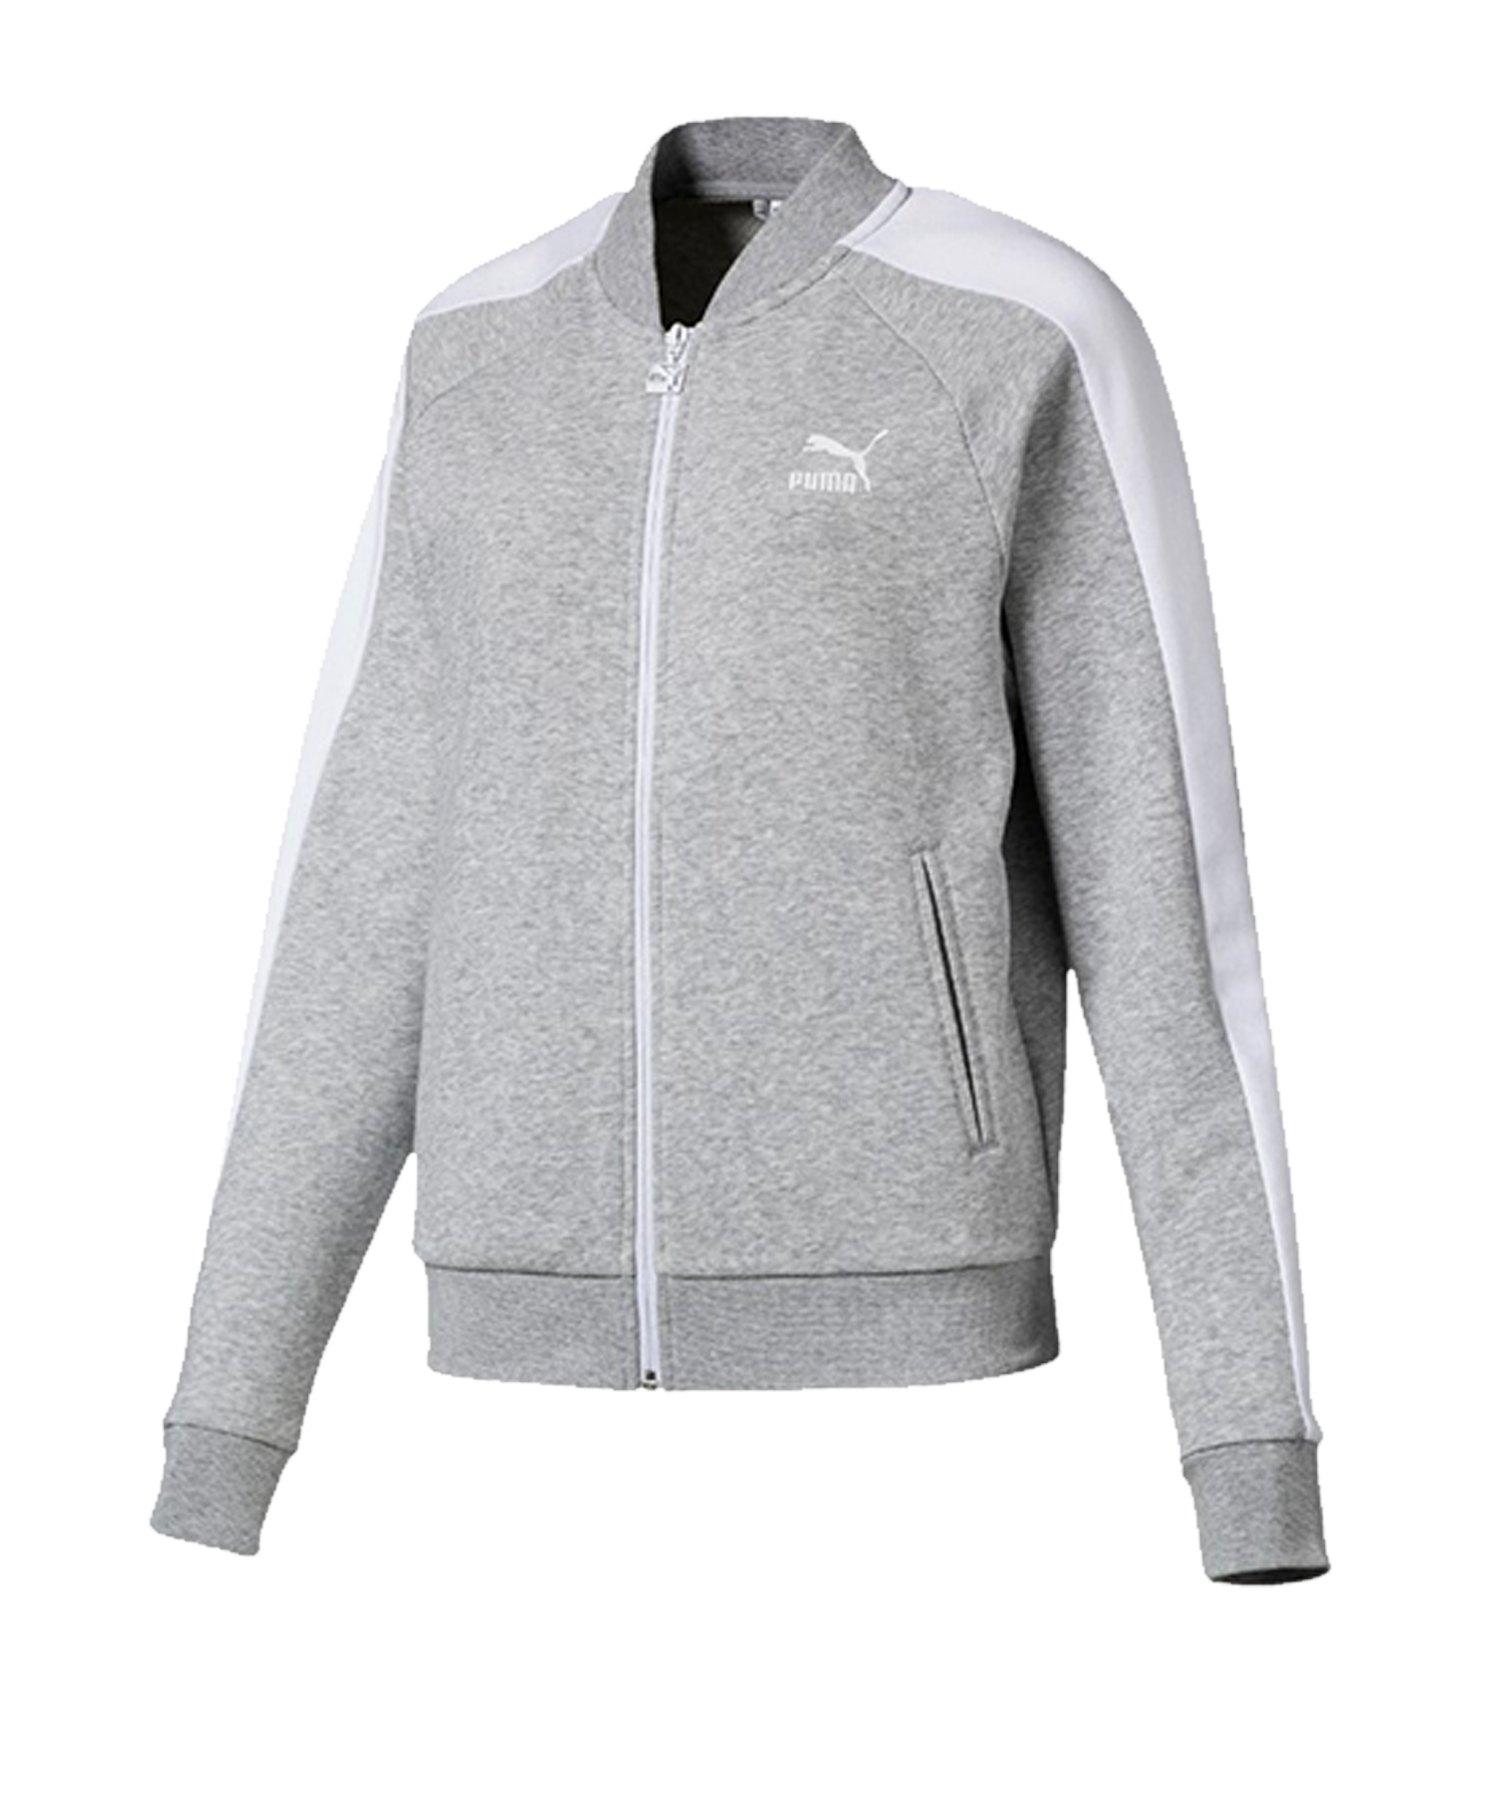 PUMA Classics T7 Track Jacket Jacke Damen F04 - grau